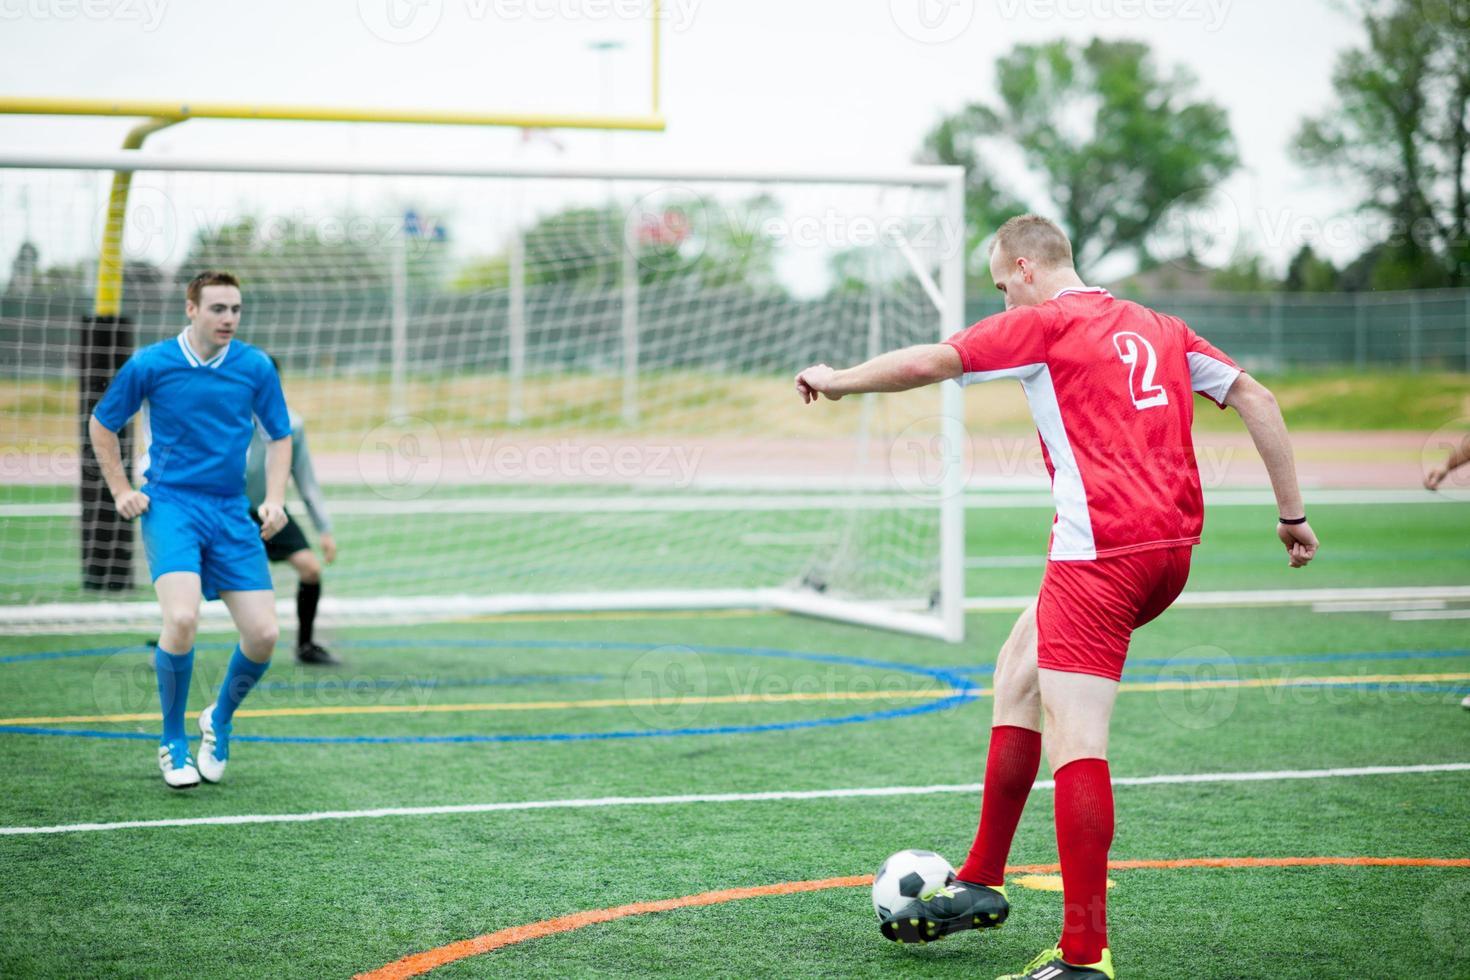 voetbal (voetbal) spelers foto